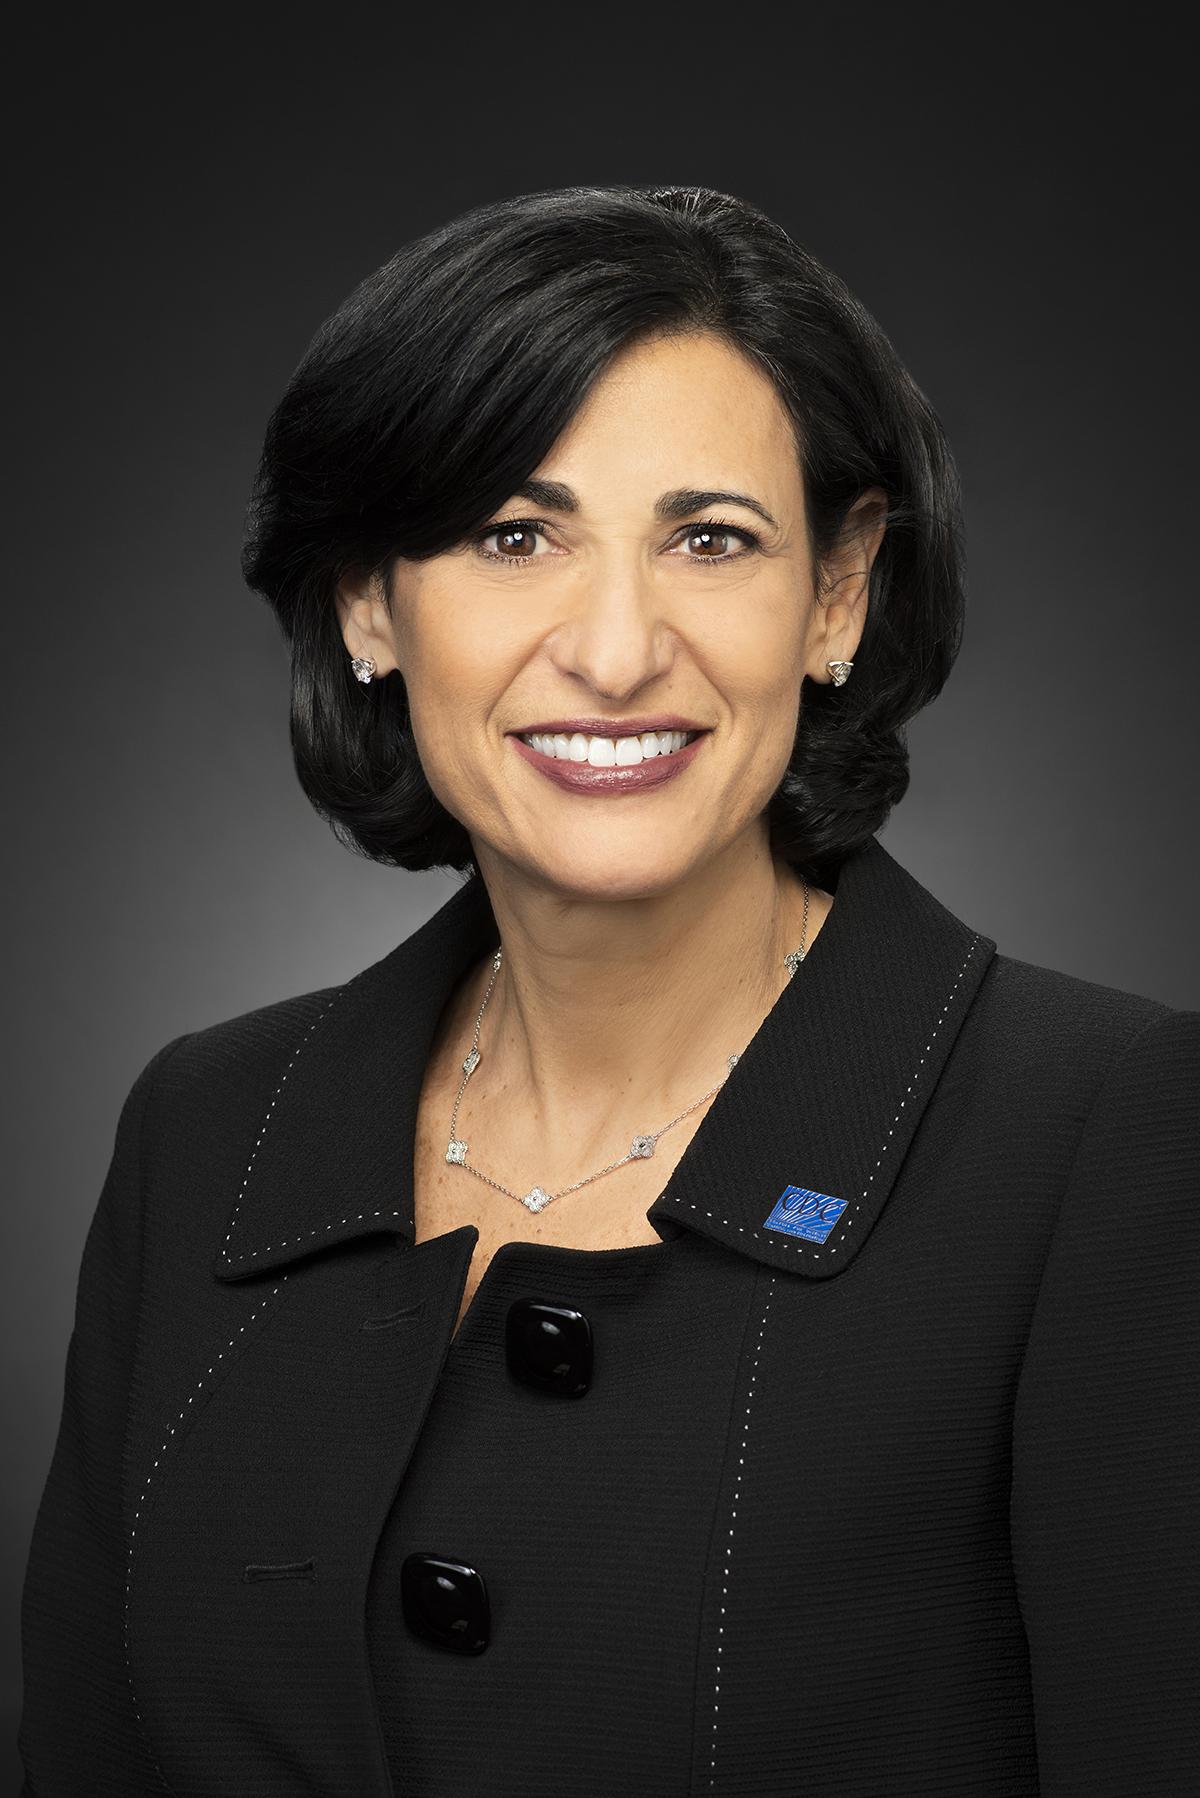 Rochelle Walensky